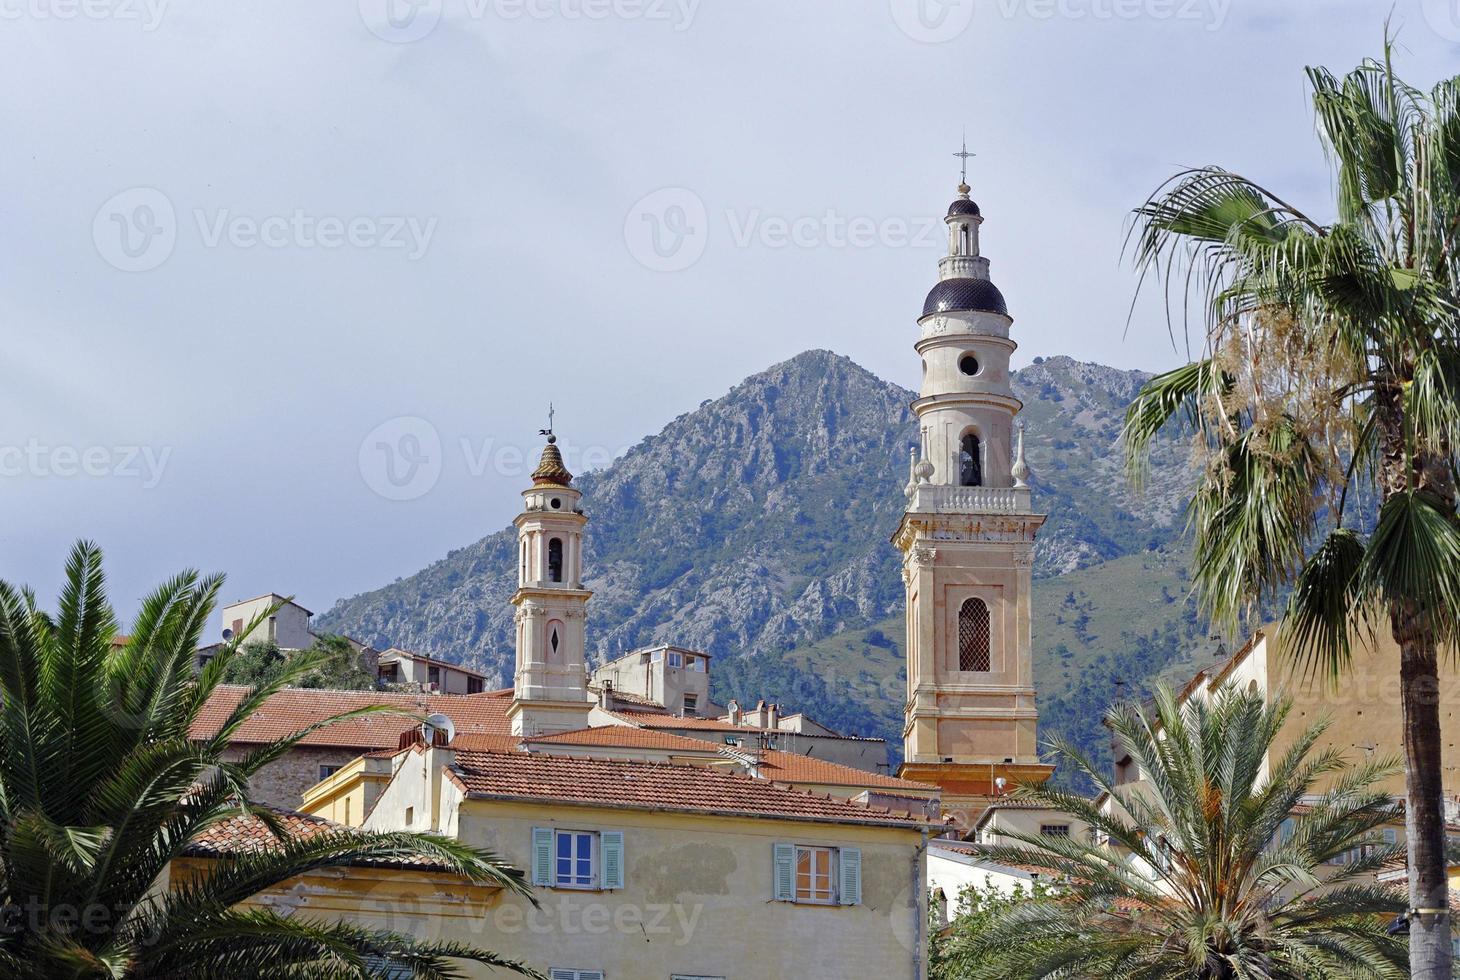 iglesia en menton / francia foto